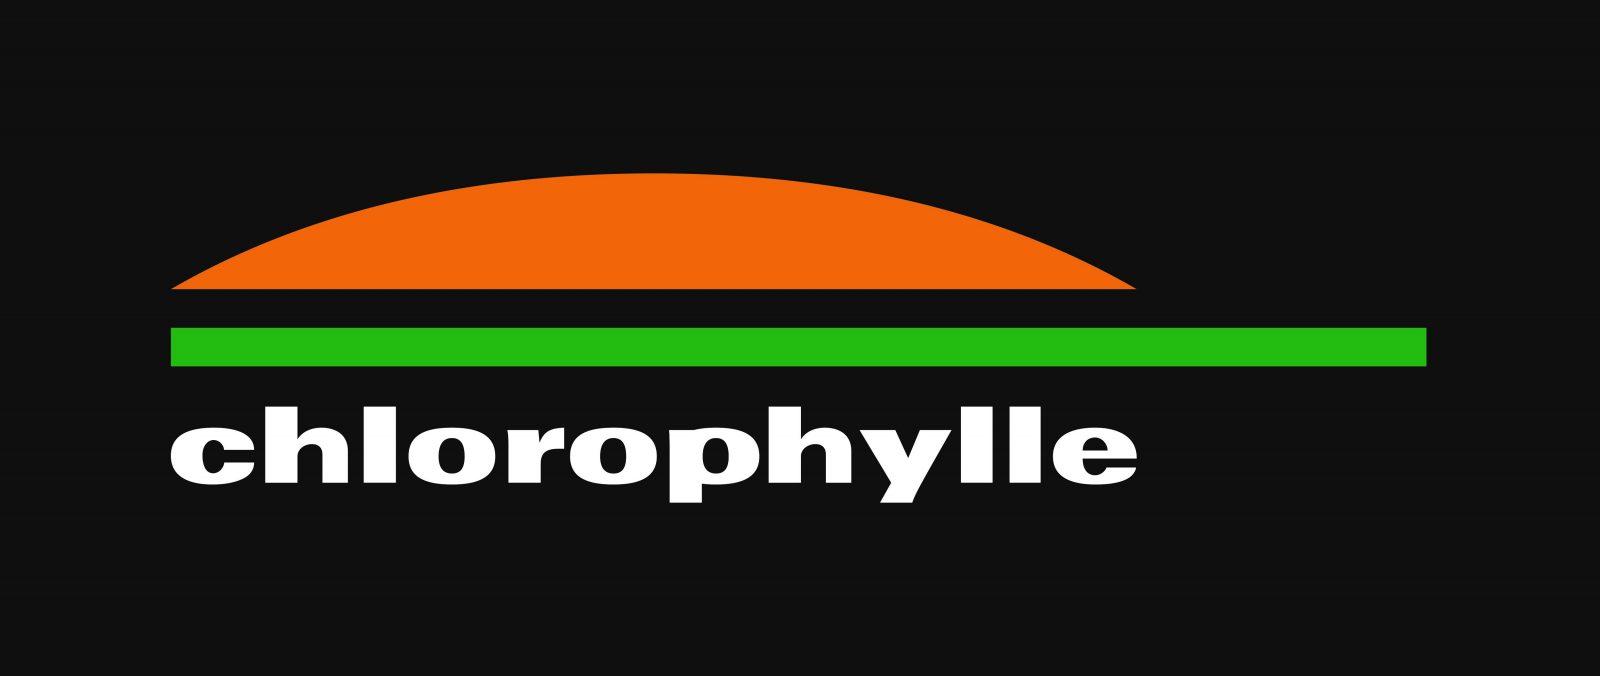 Chlorophylle est une entreprise canadienne qui développe et commercialise des produits haut de gamme spécialisés pour la pratique d'activités de plein air. Ses produits sont durables, performants et esthétiques.